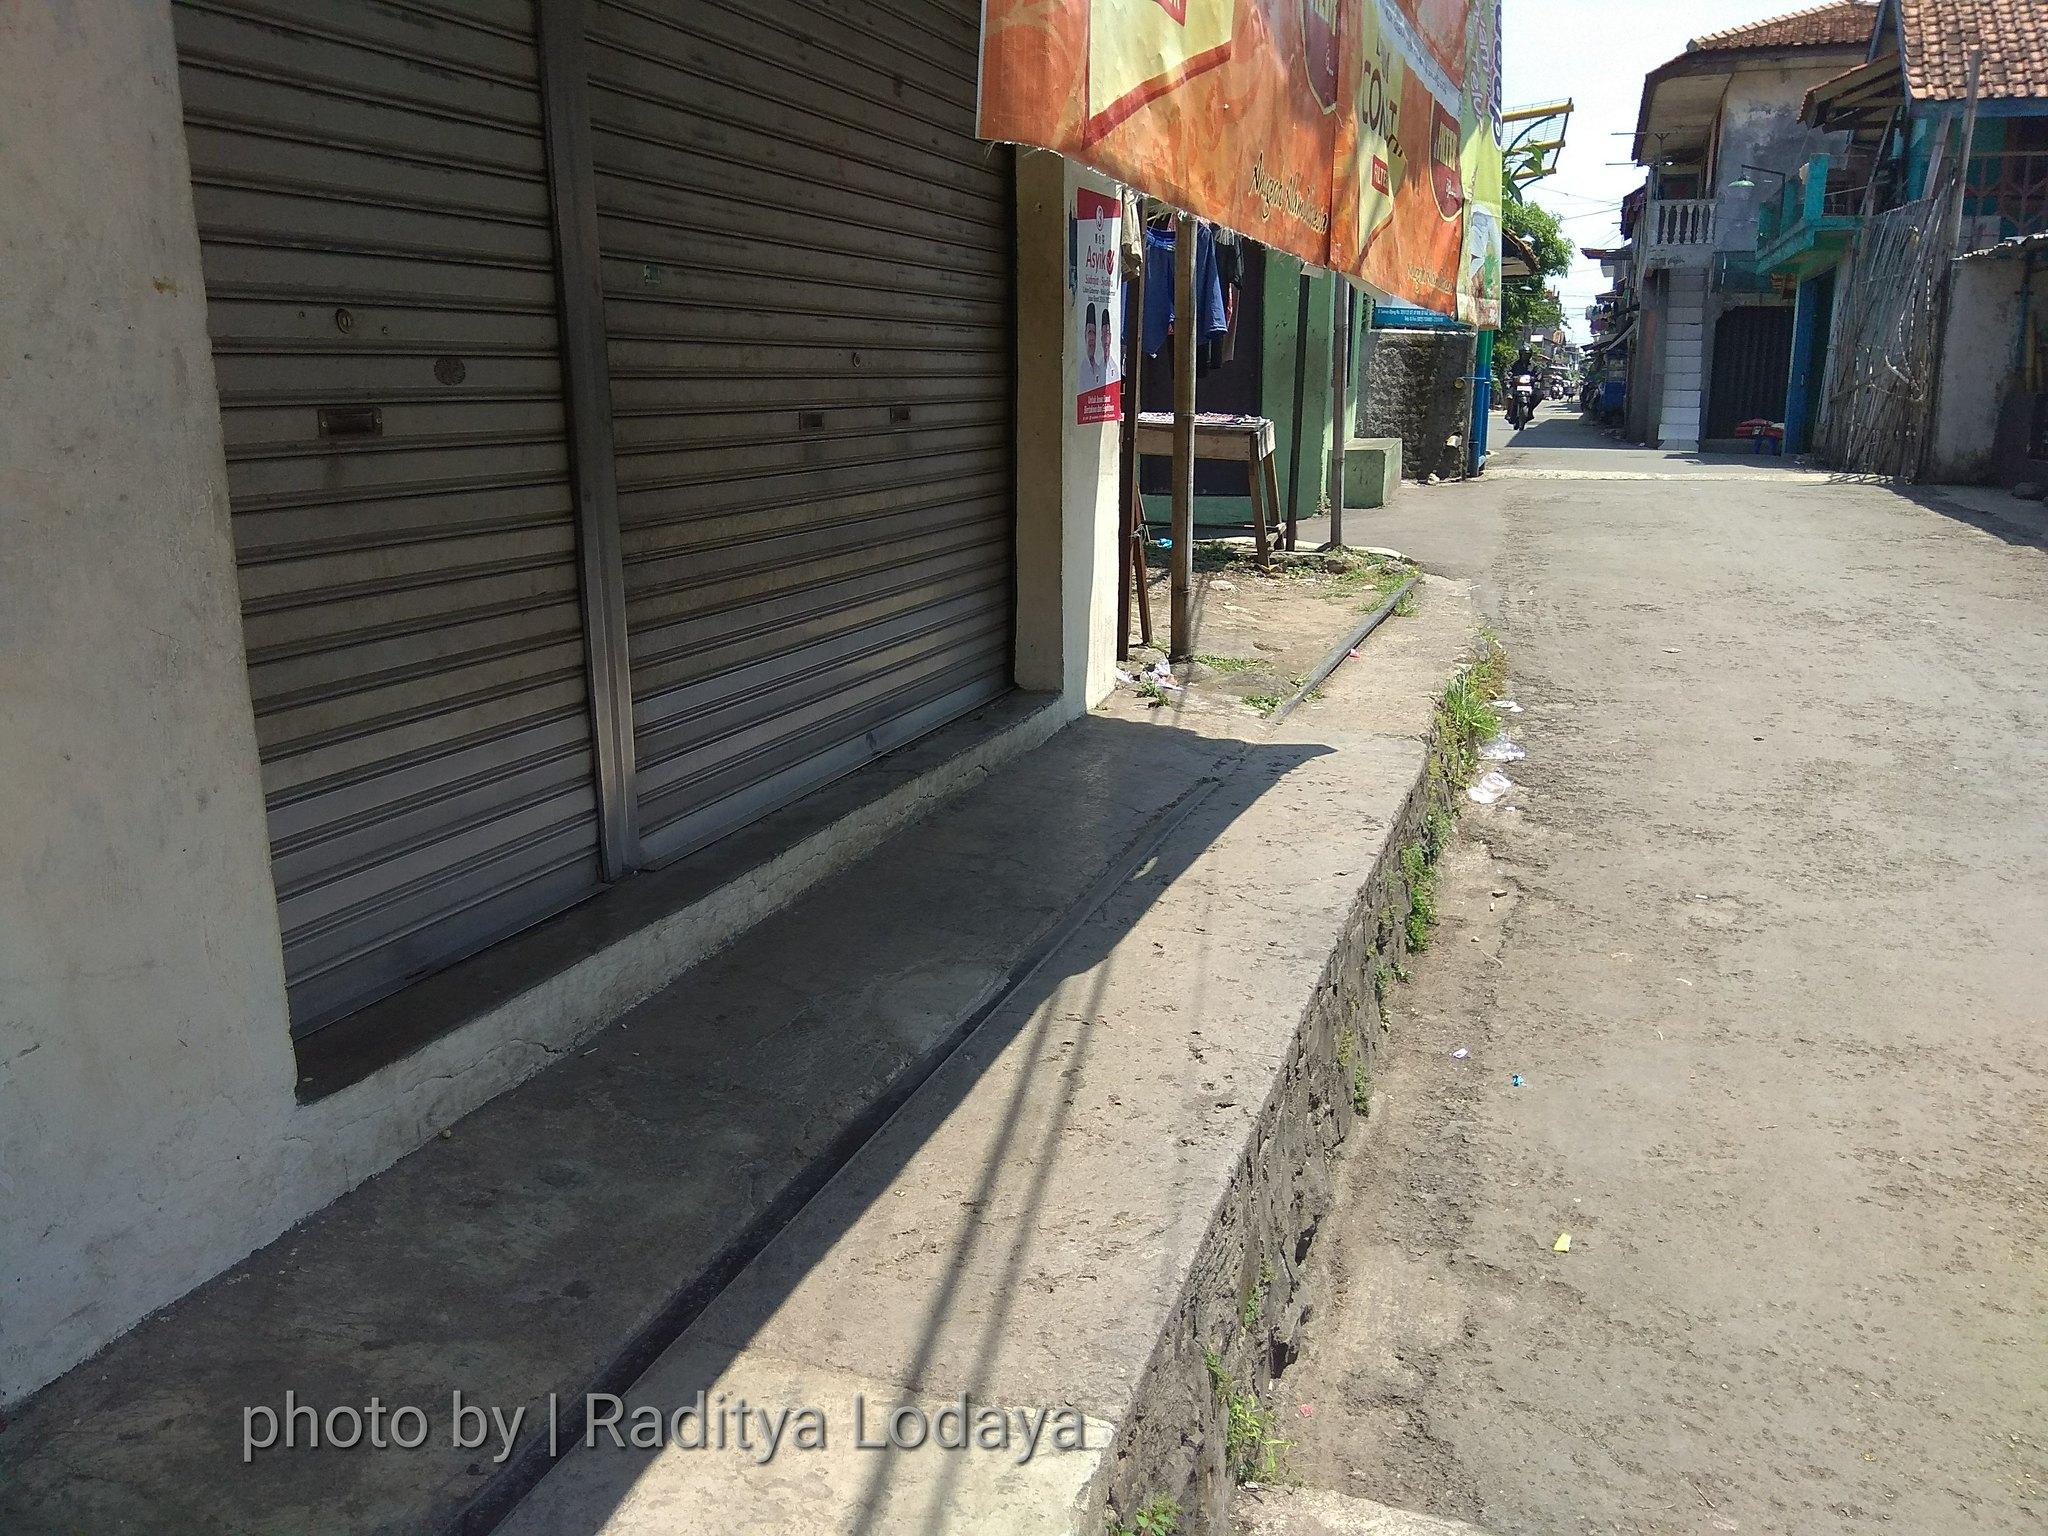 Foto Jalur Rel Mati Bandung (Kiaracondong Karees) 30 - Rel keliatan cuma sebelah dan sebelahnya lagi ketimbun bangunan